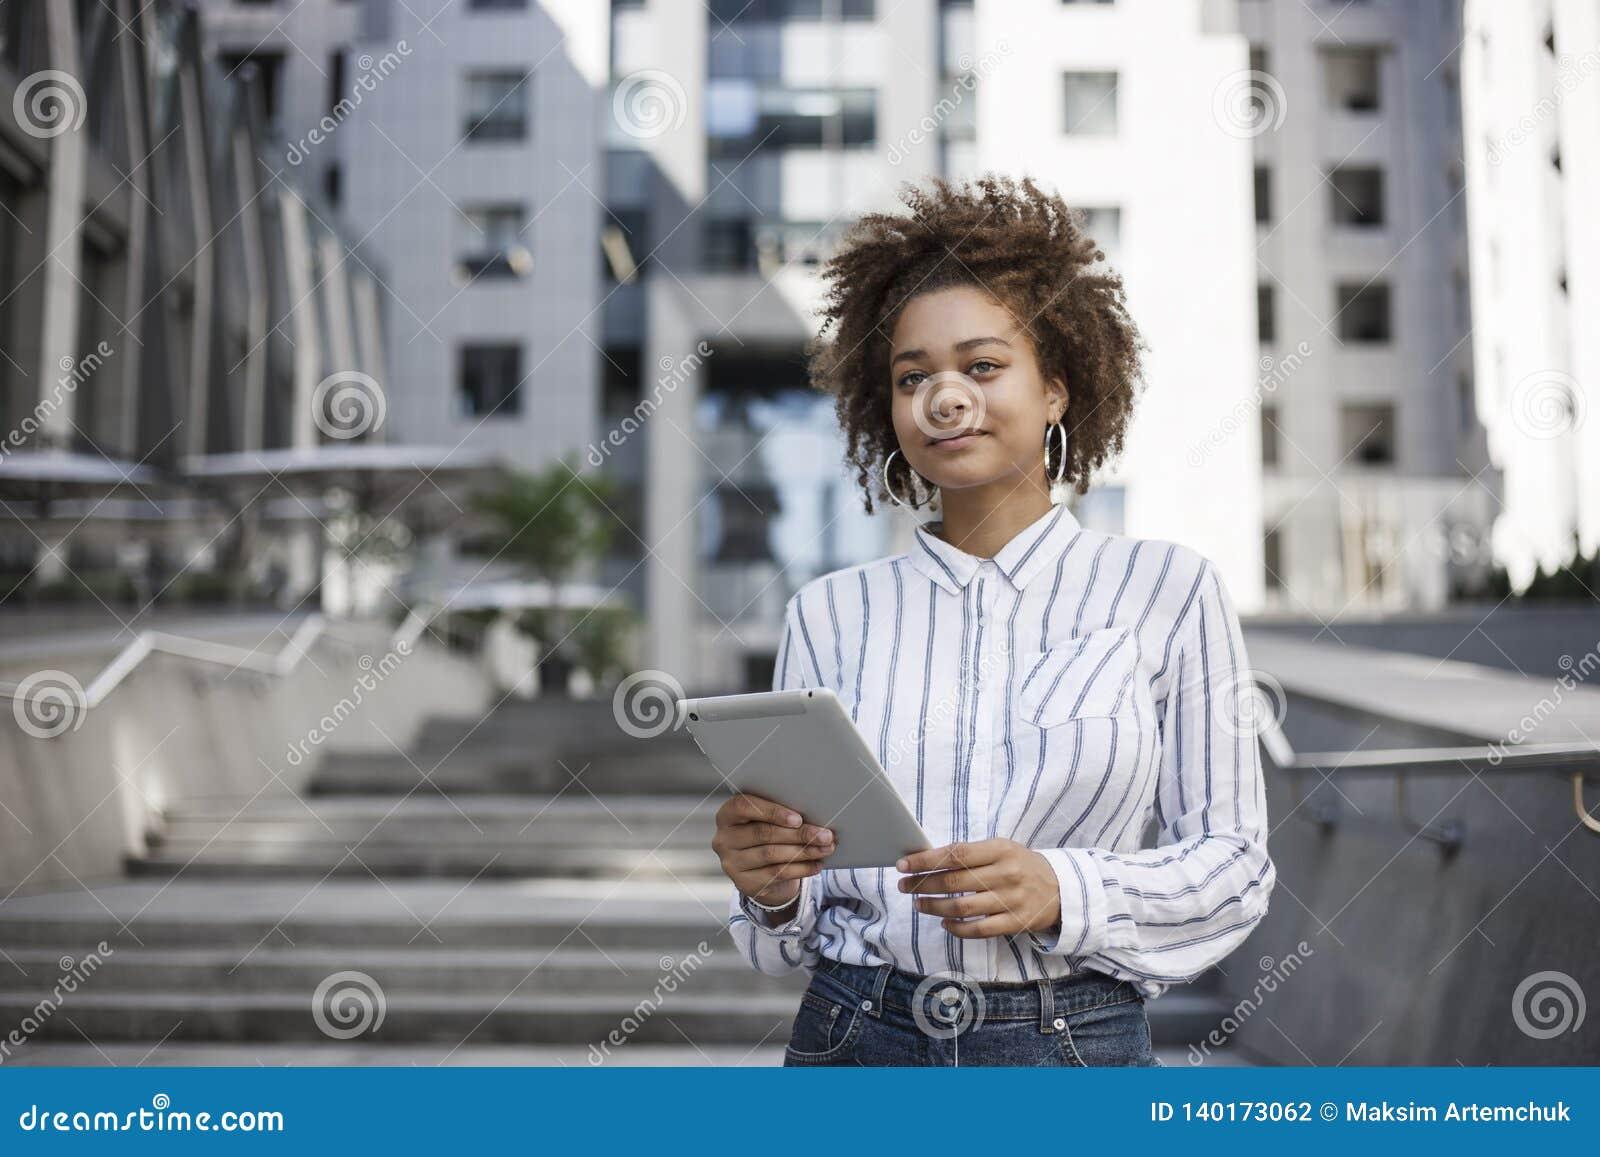 Работы на улице девушек ручные работы девушками